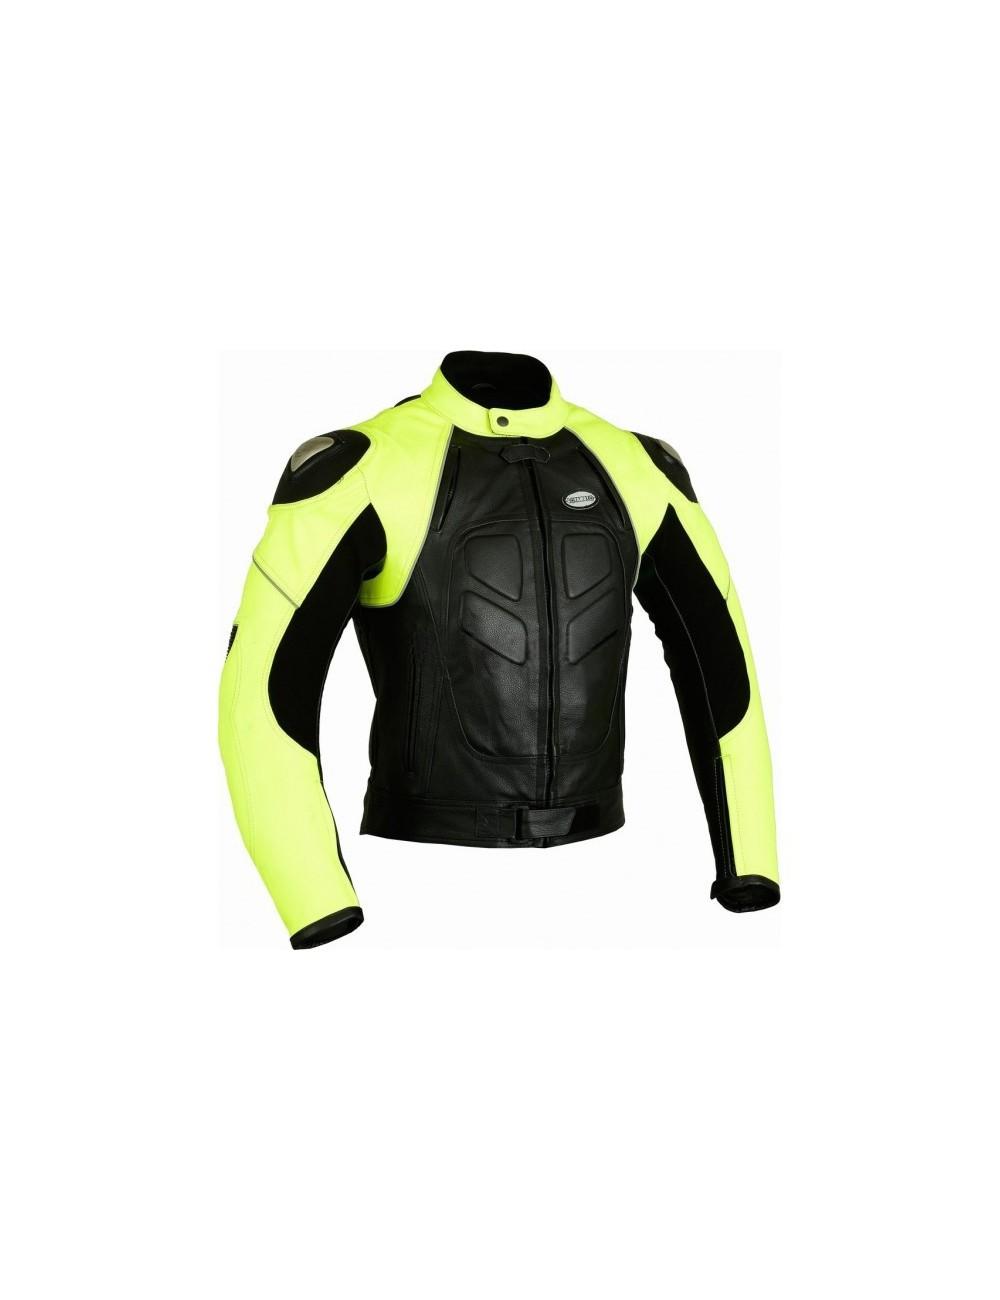 Blouson moto cuir fluo jaune et noir sur mesure